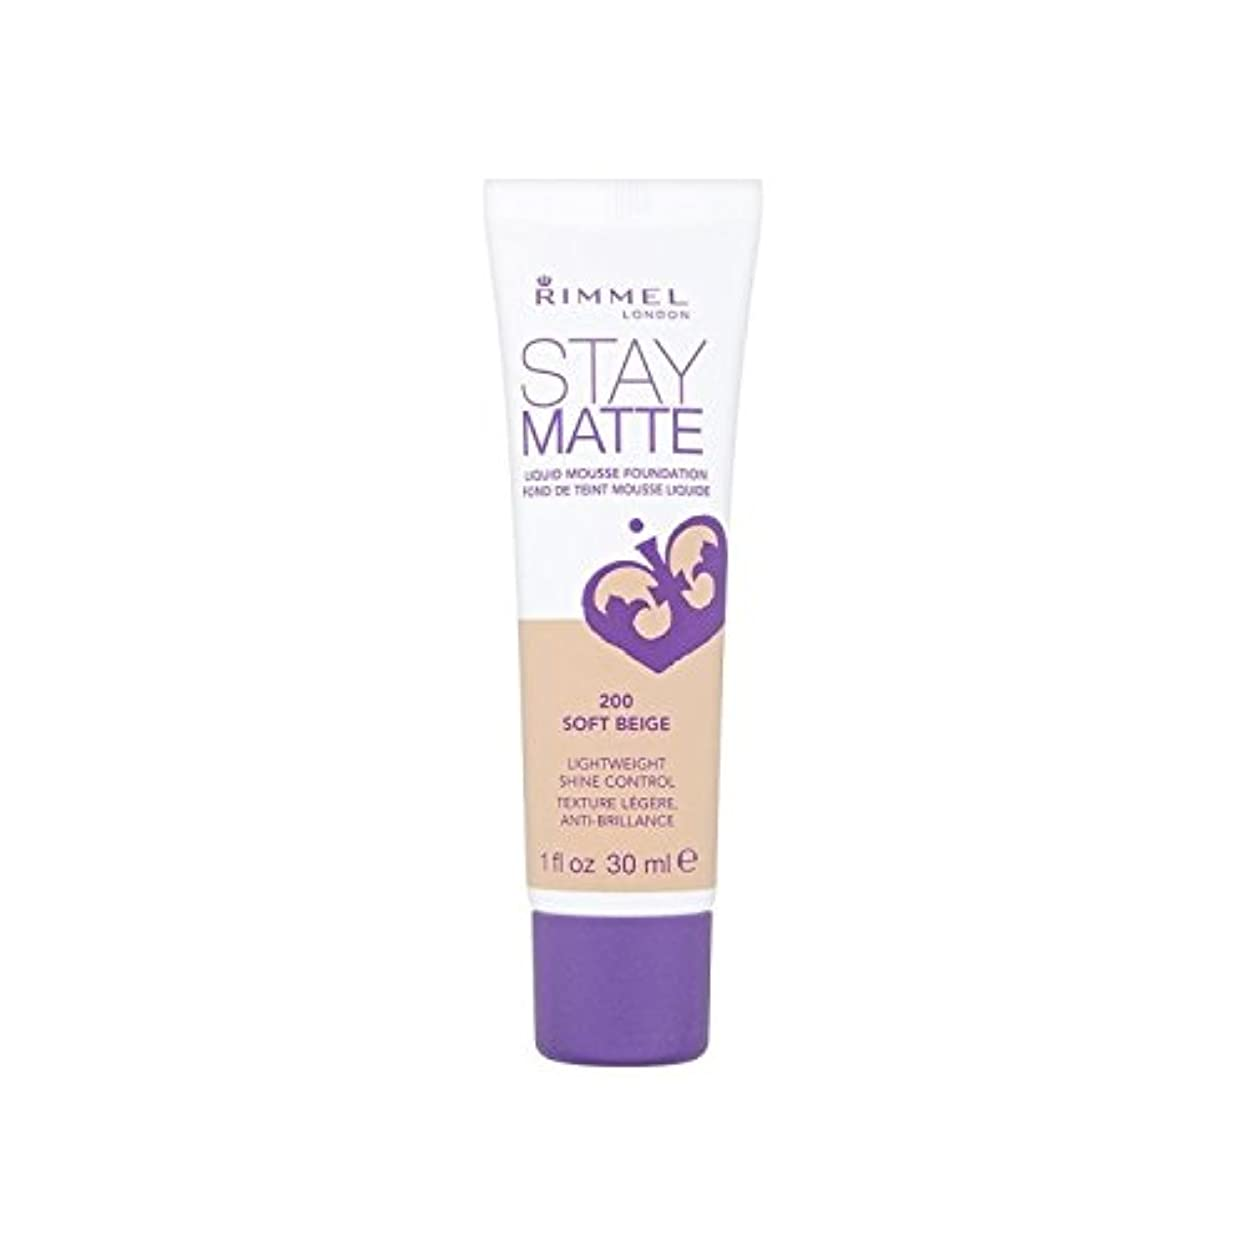 エキスペダル結果としてリンメルステイマット基盤ソフトベージュ x2 - Rimmel Stay Matte Foundation Soft Beige (Pack of 2) [並行輸入品]